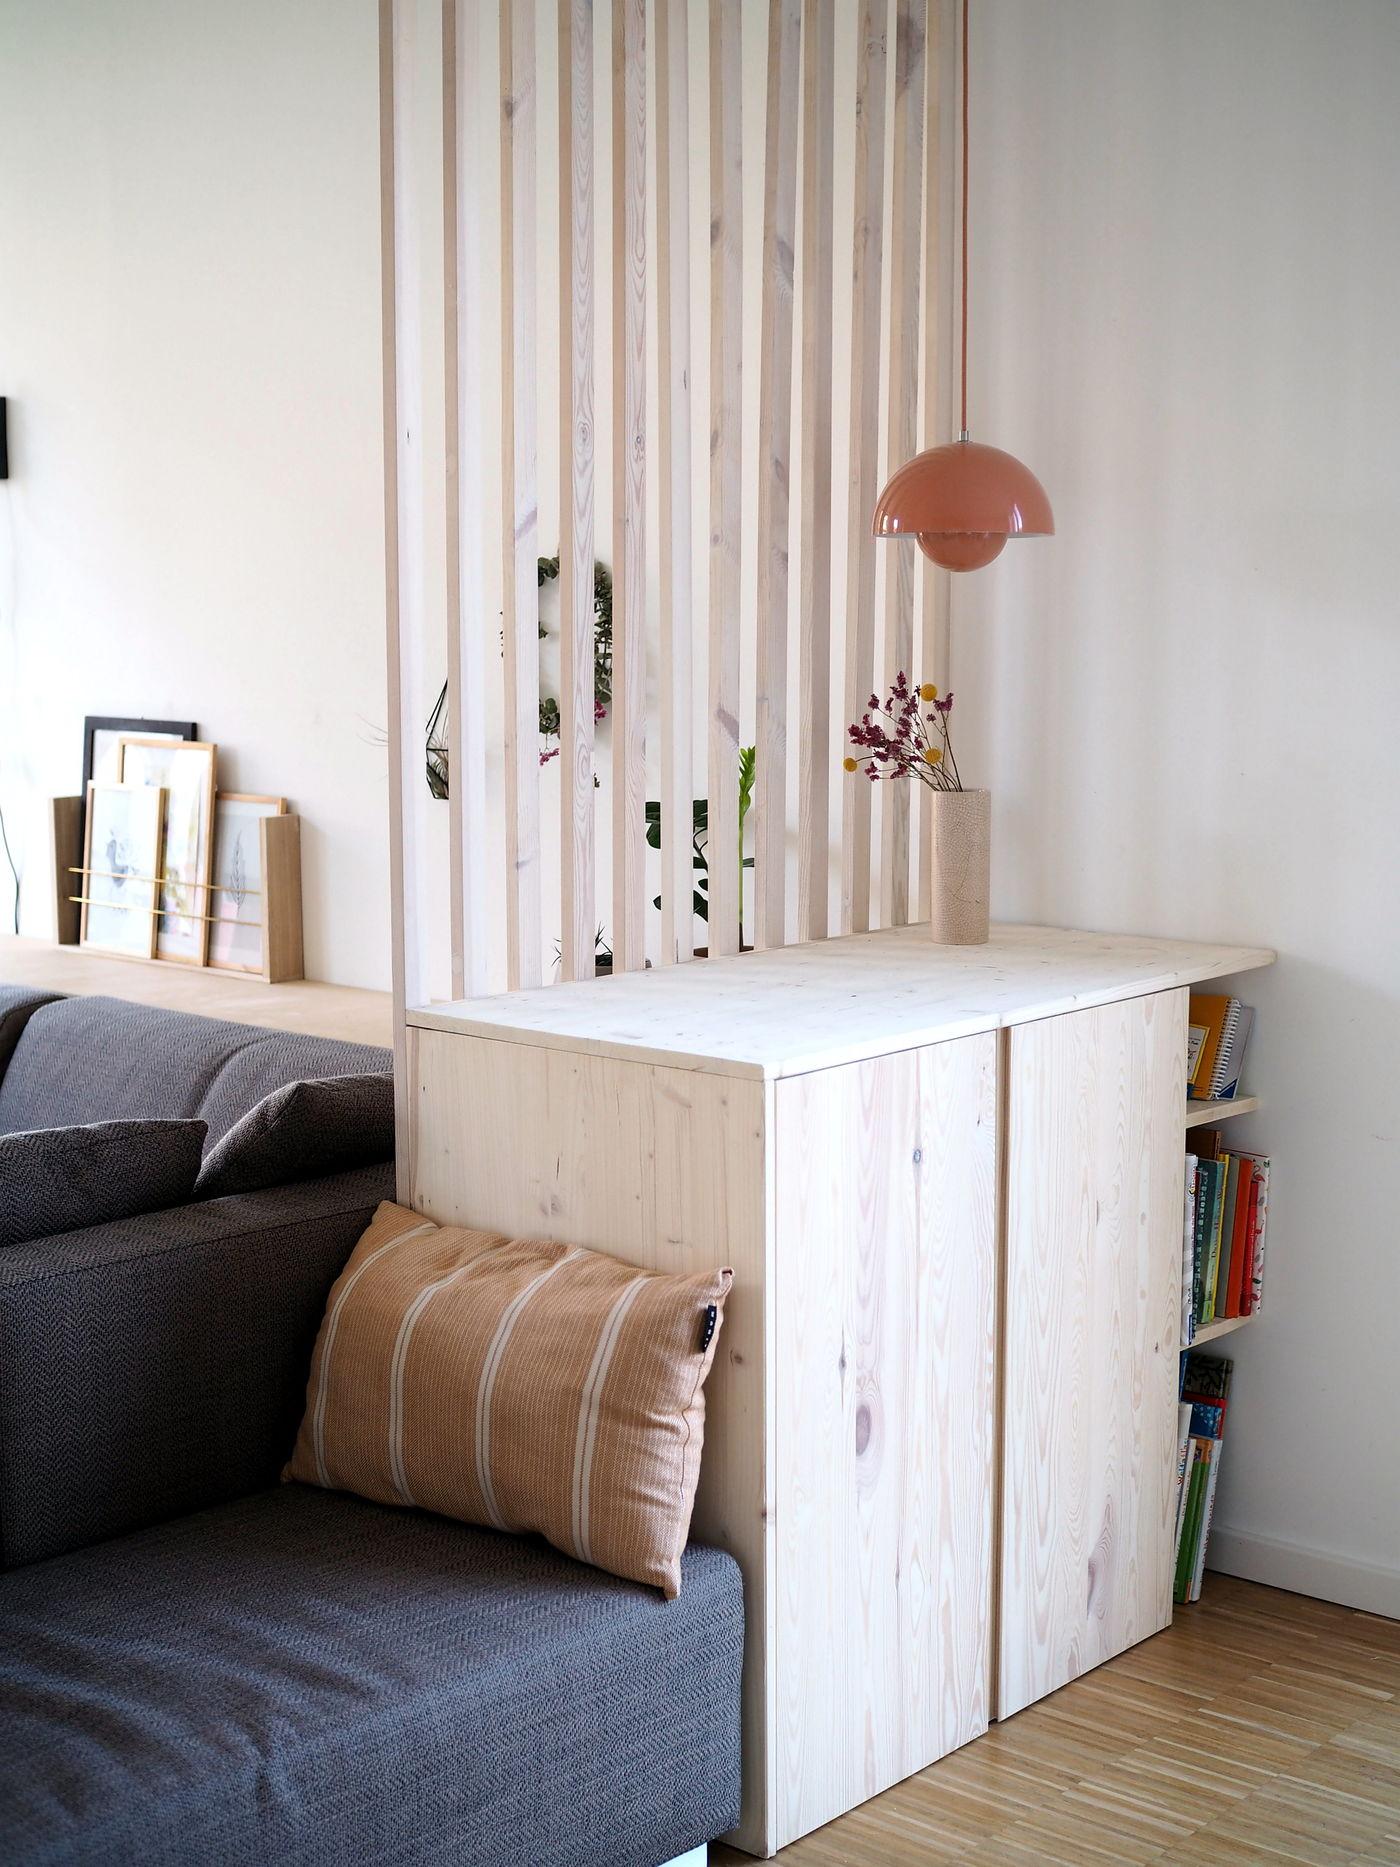 Full Size of Ikea Raumteiler Ideen Fr Und Raumtrenner Miniküche Betten 160x200 Modulküche Sofa Mit Schlaffunktion Küche Kosten Regal Bei Kaufen Wohnzimmer Ikea Raumteiler